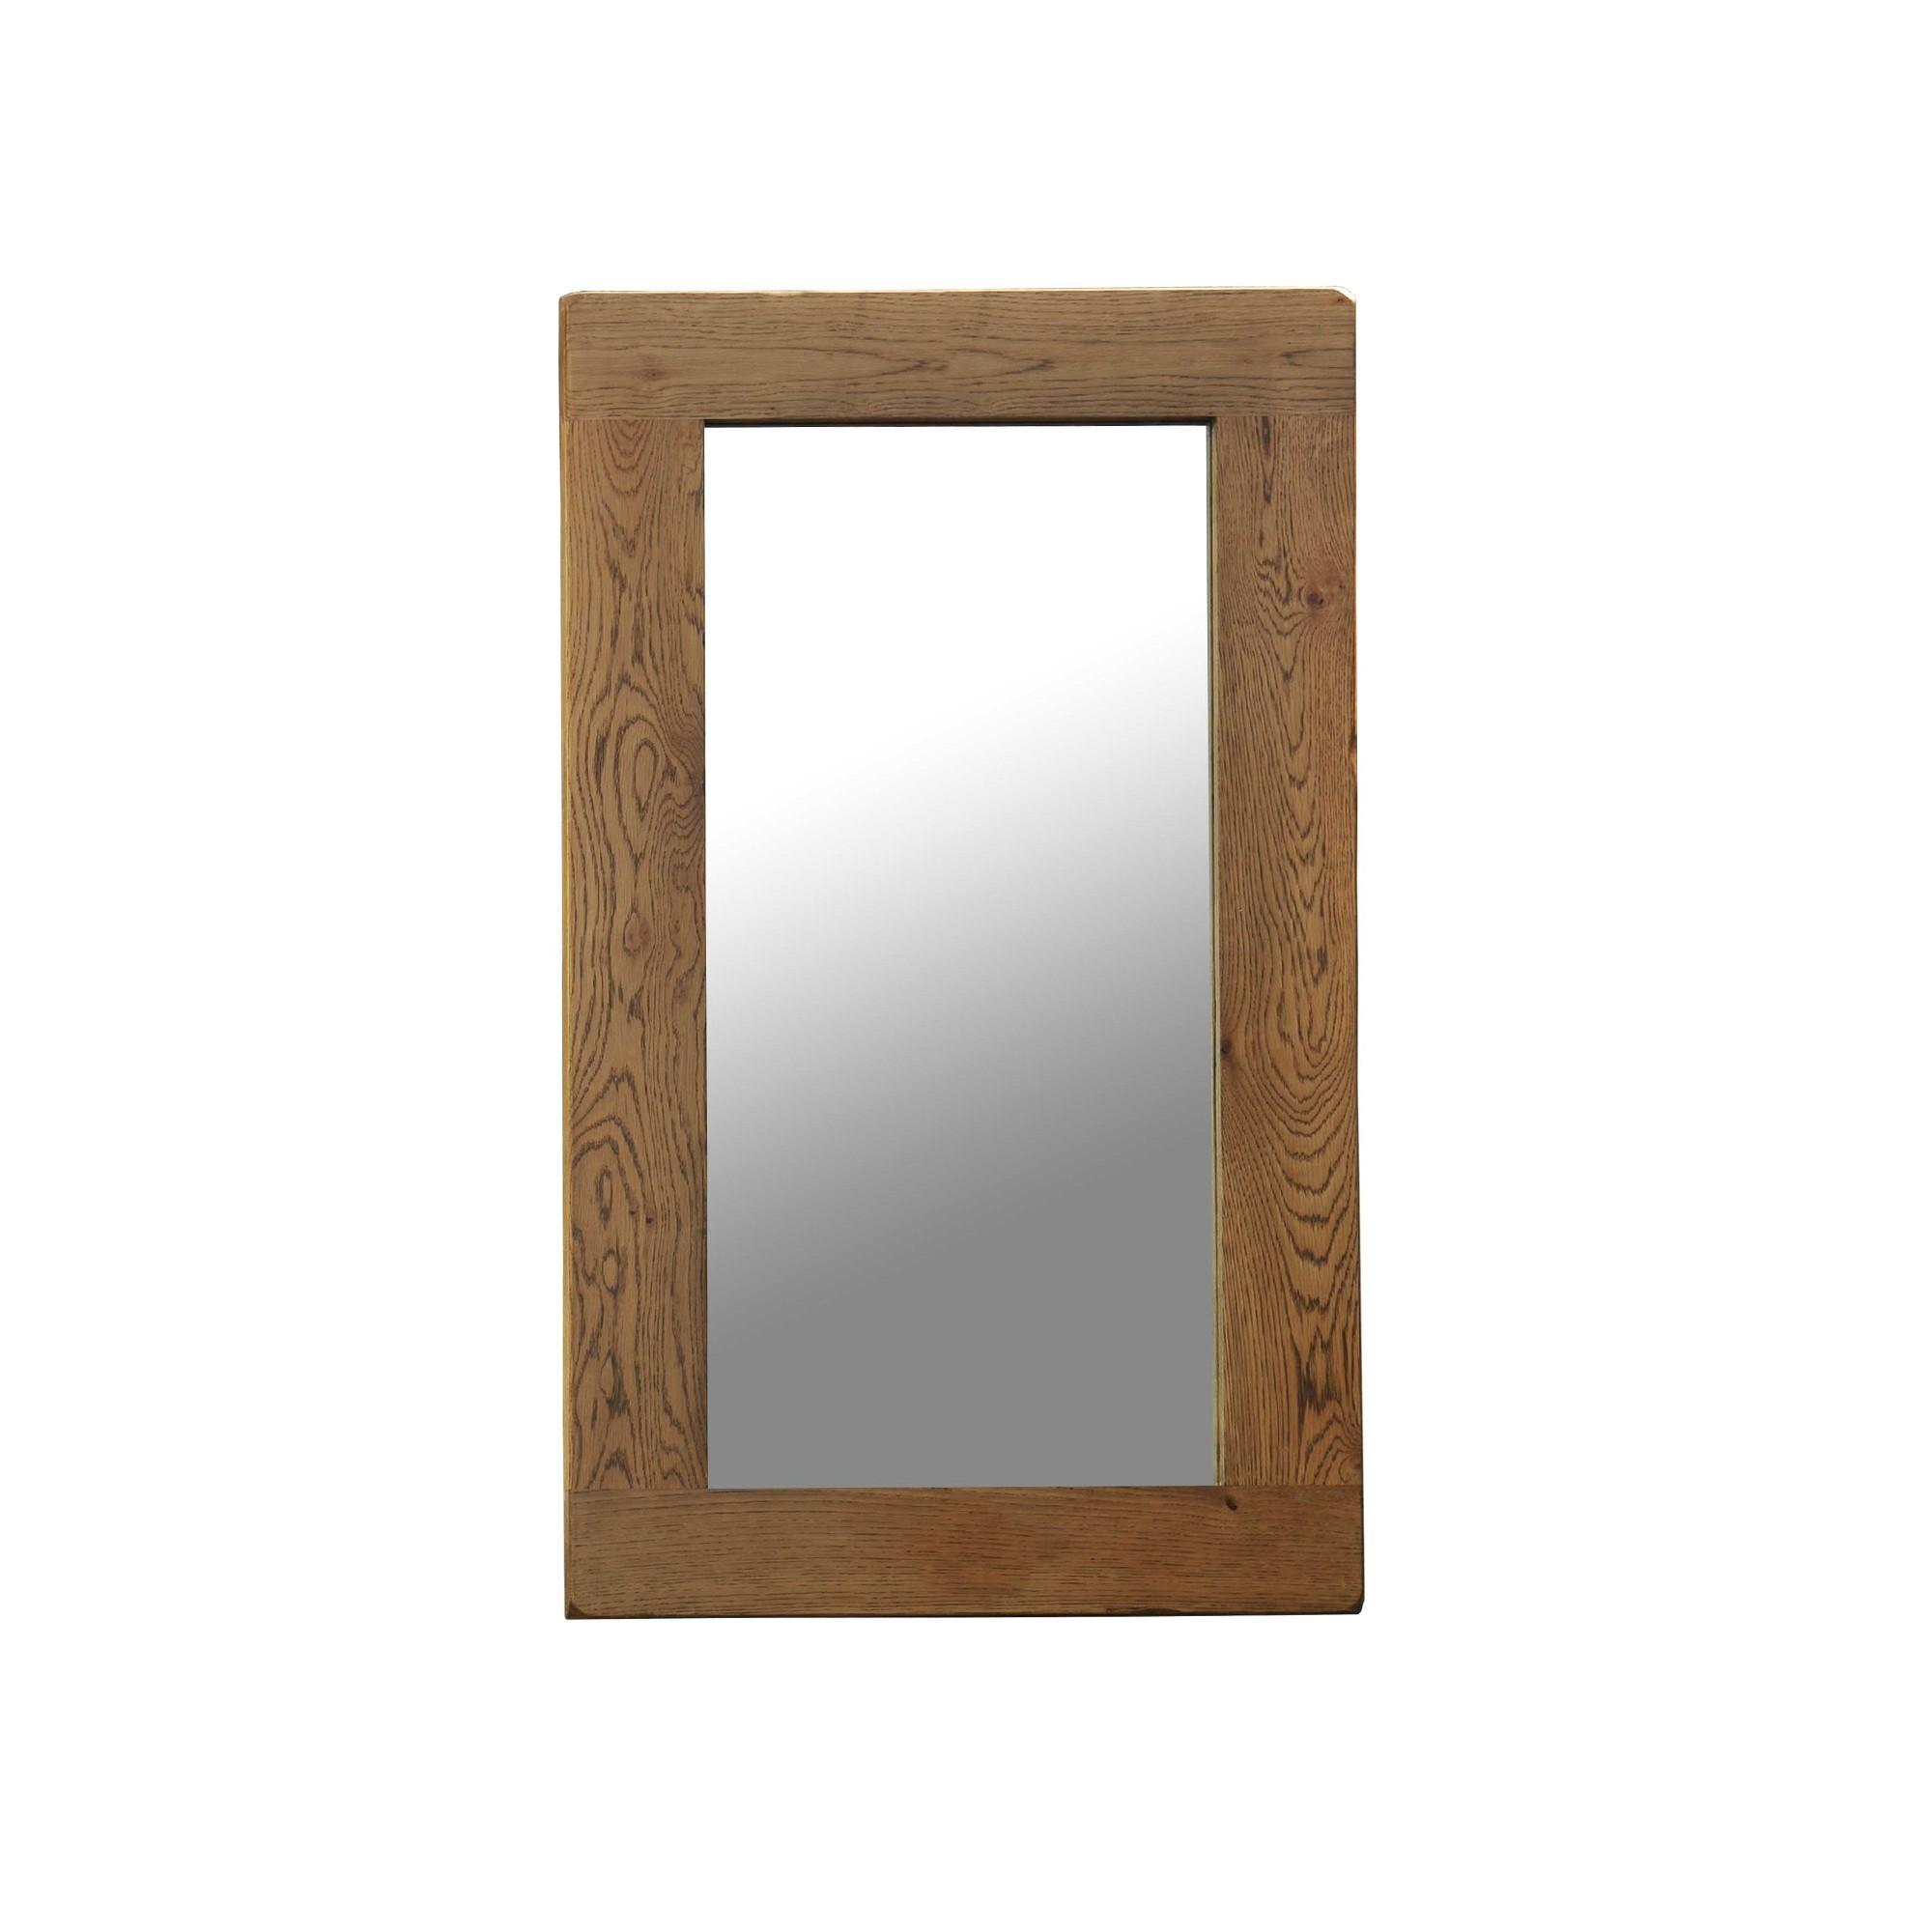 Cookes collection barrington wall mirror 130 x 90cm for Miroir 90 x 130